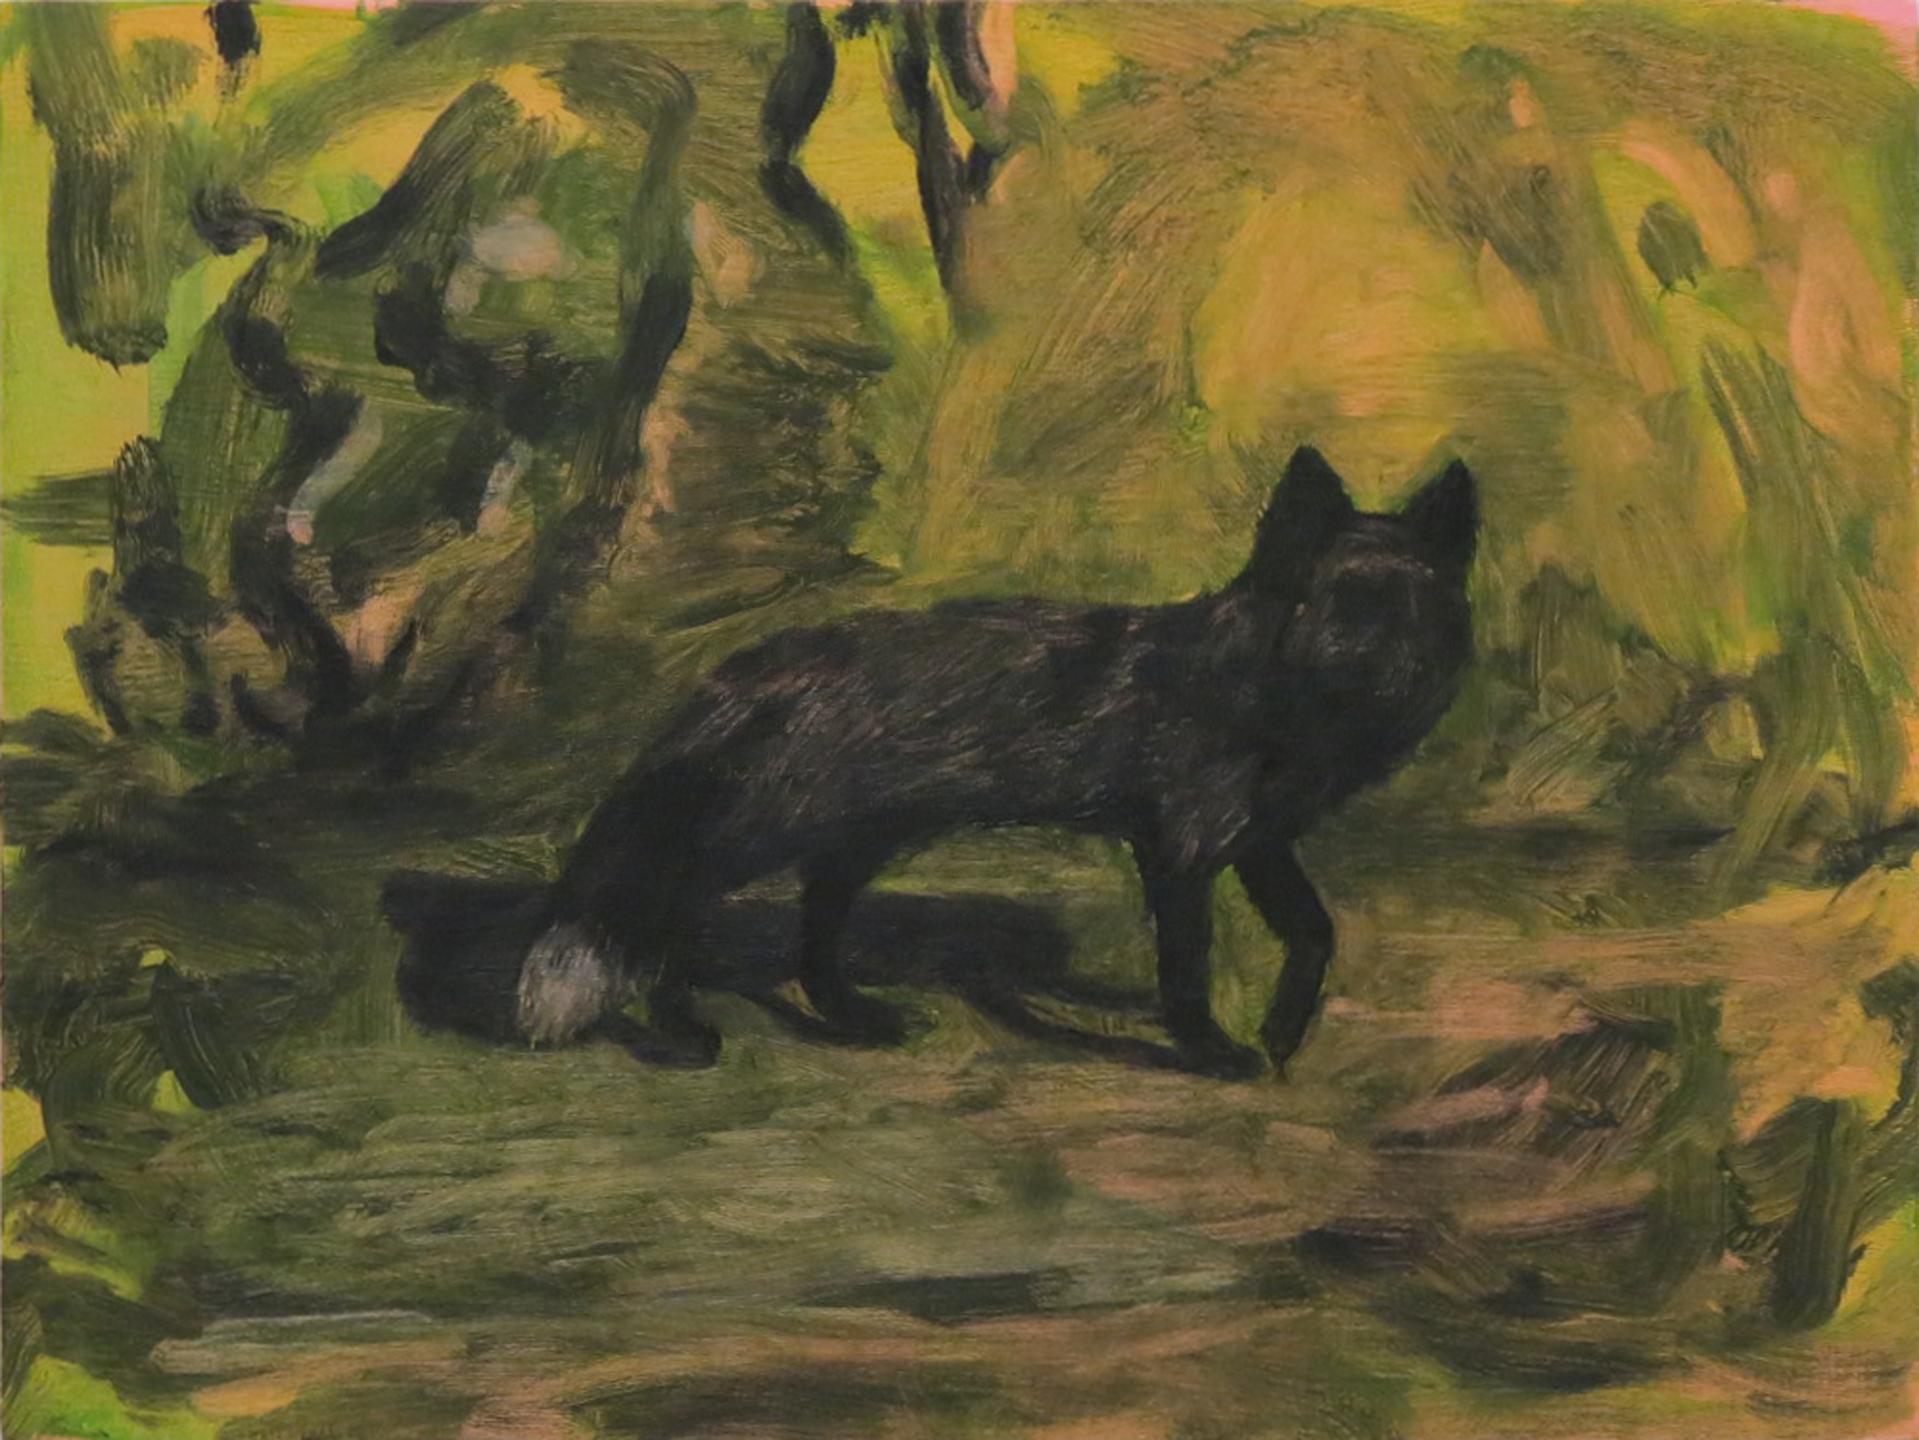 Fox , Oil on wood, 12 x 16, 2018